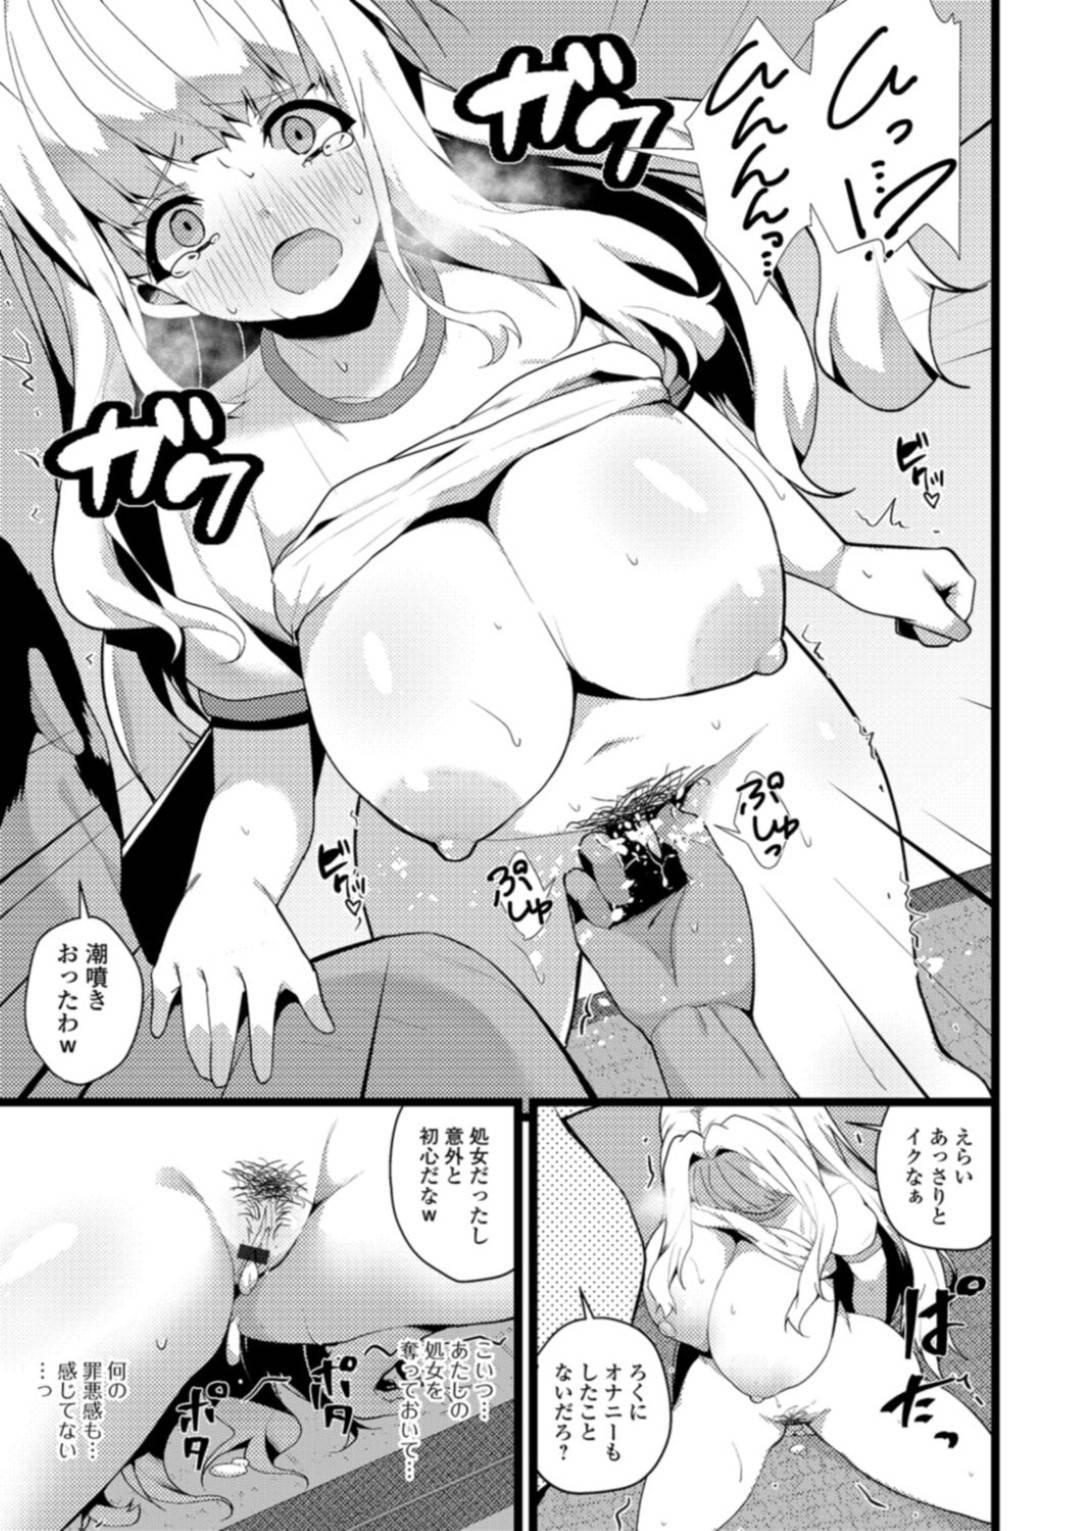 【エロ漫画】合宿で友達の協力のもと好きな男子に夜這い&告白しようとしたら間違って顧問の部屋に来てしまった爆乳少女は寝ている間に寝取られ中出しレイプされてしまう